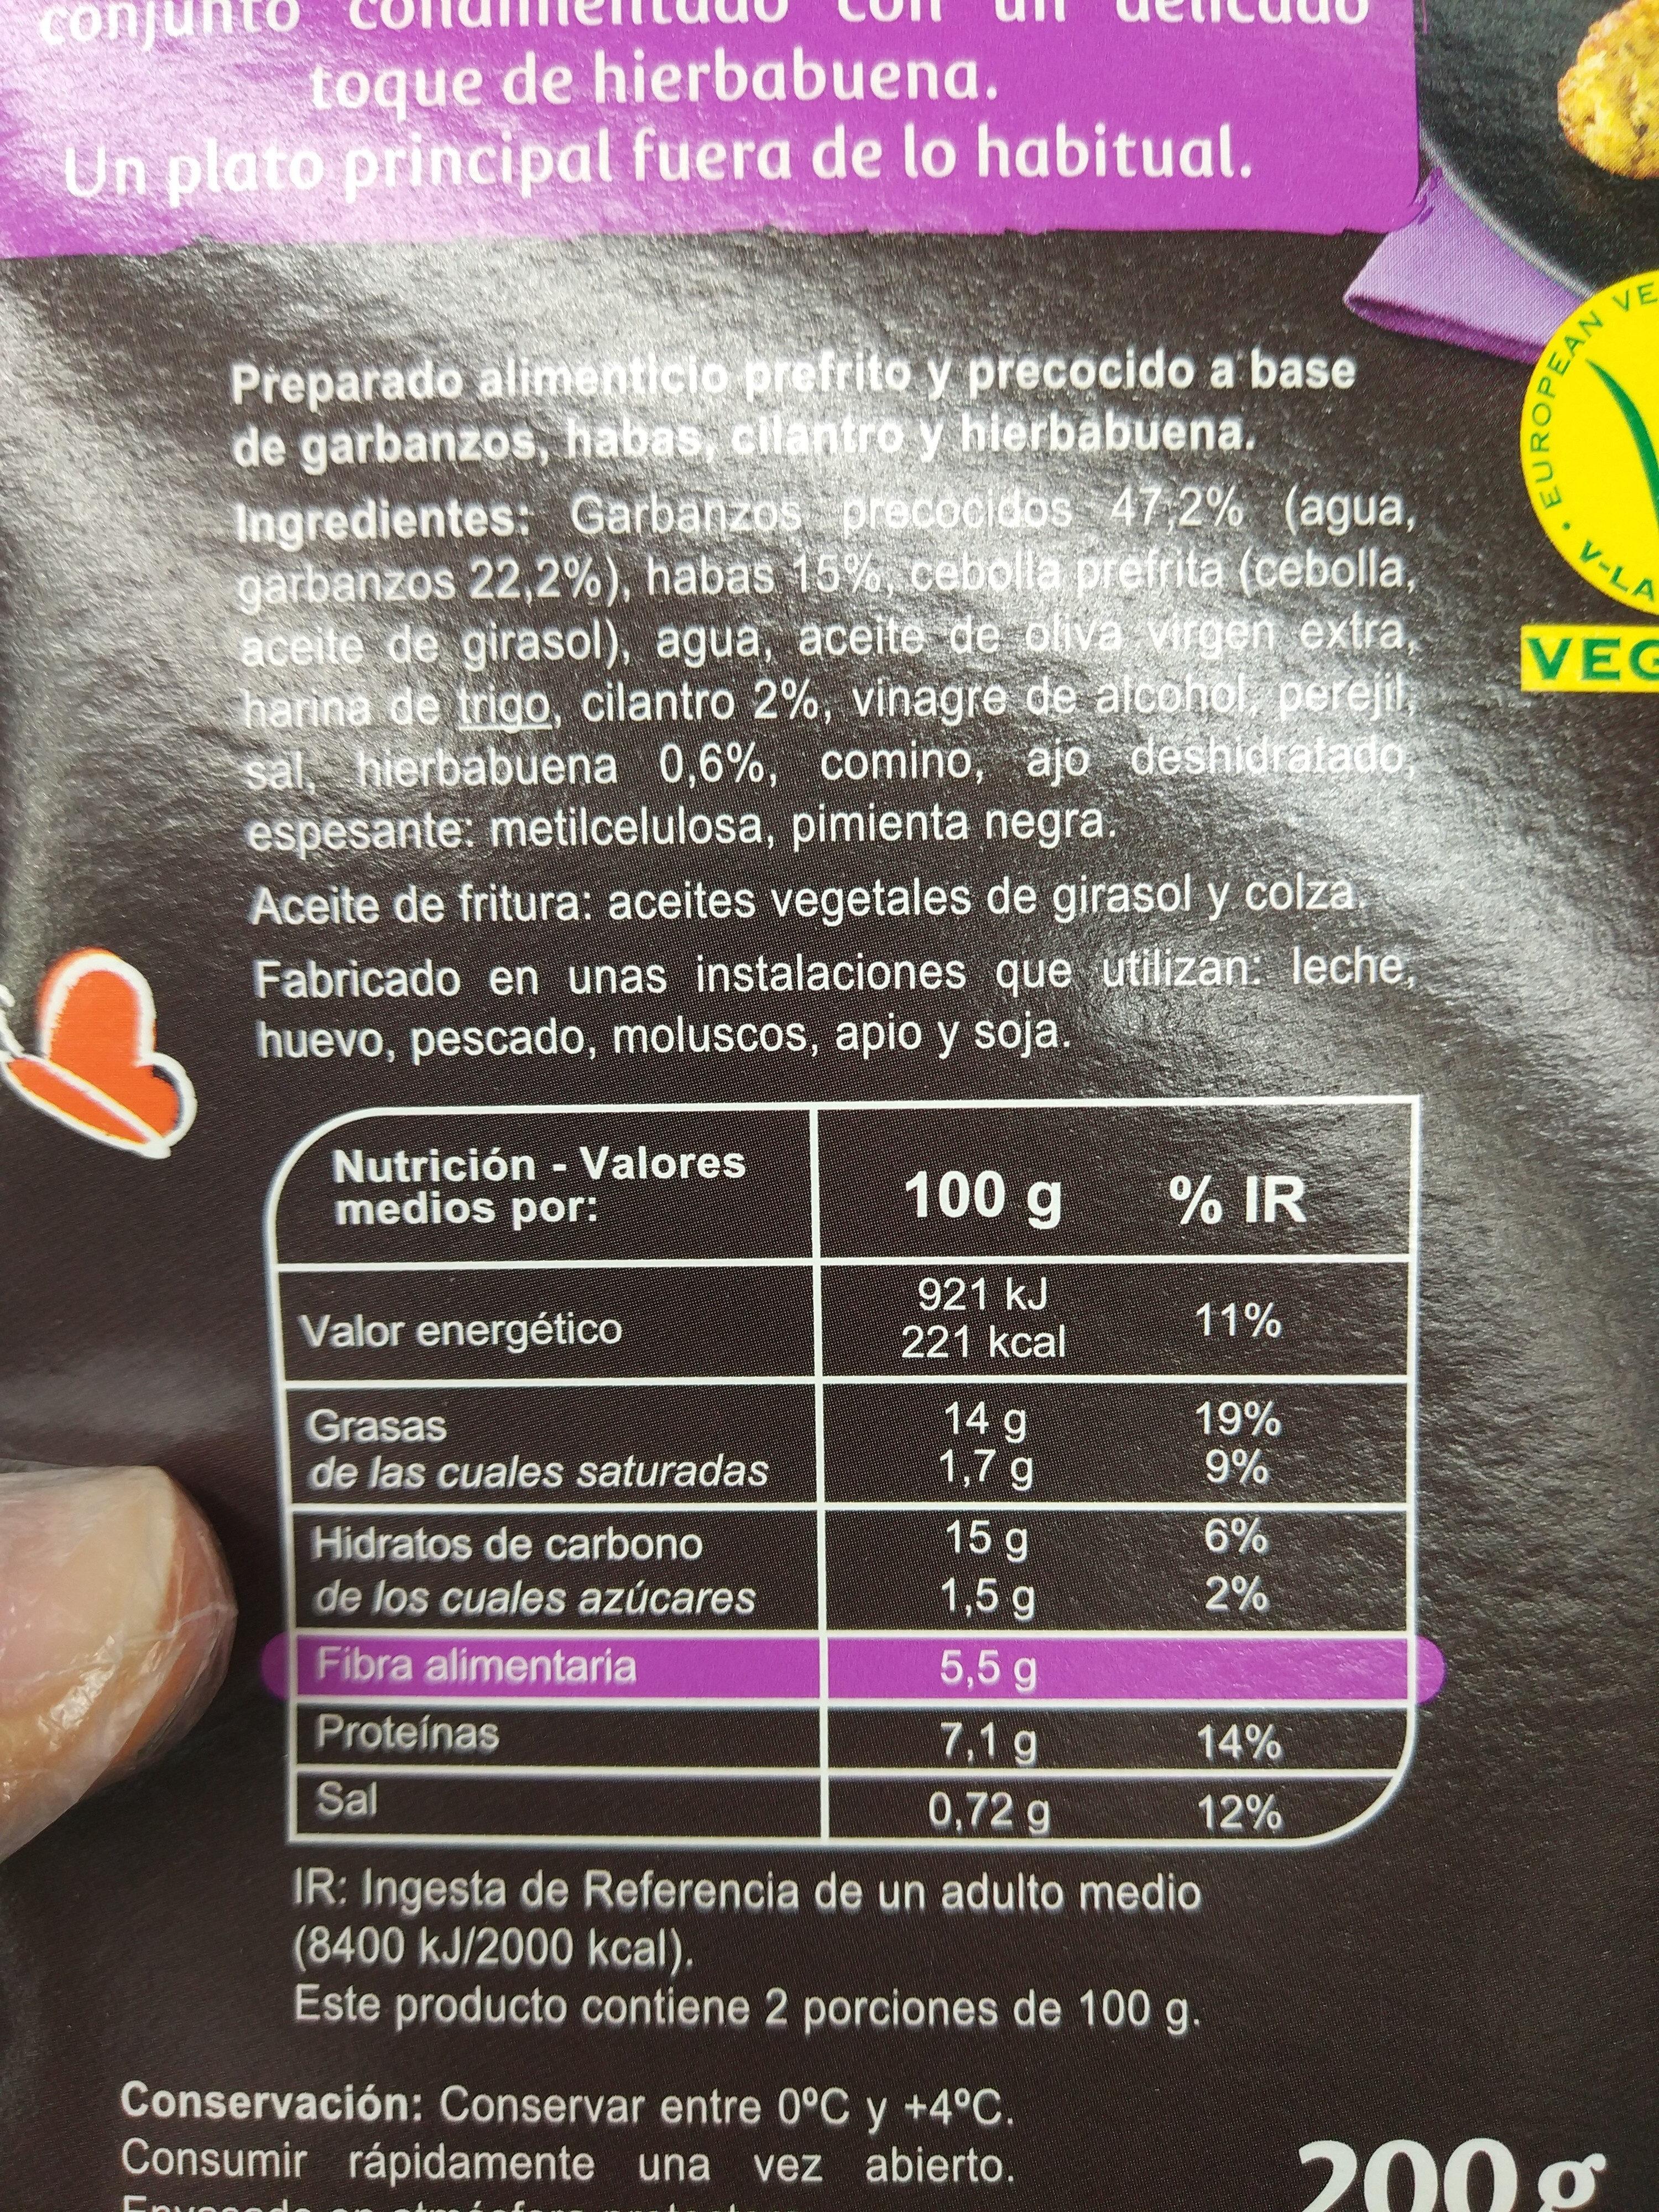 Veggie - Falafels - Garbanzos, habas, hilantro, hierbabuena - Información nutricional - es